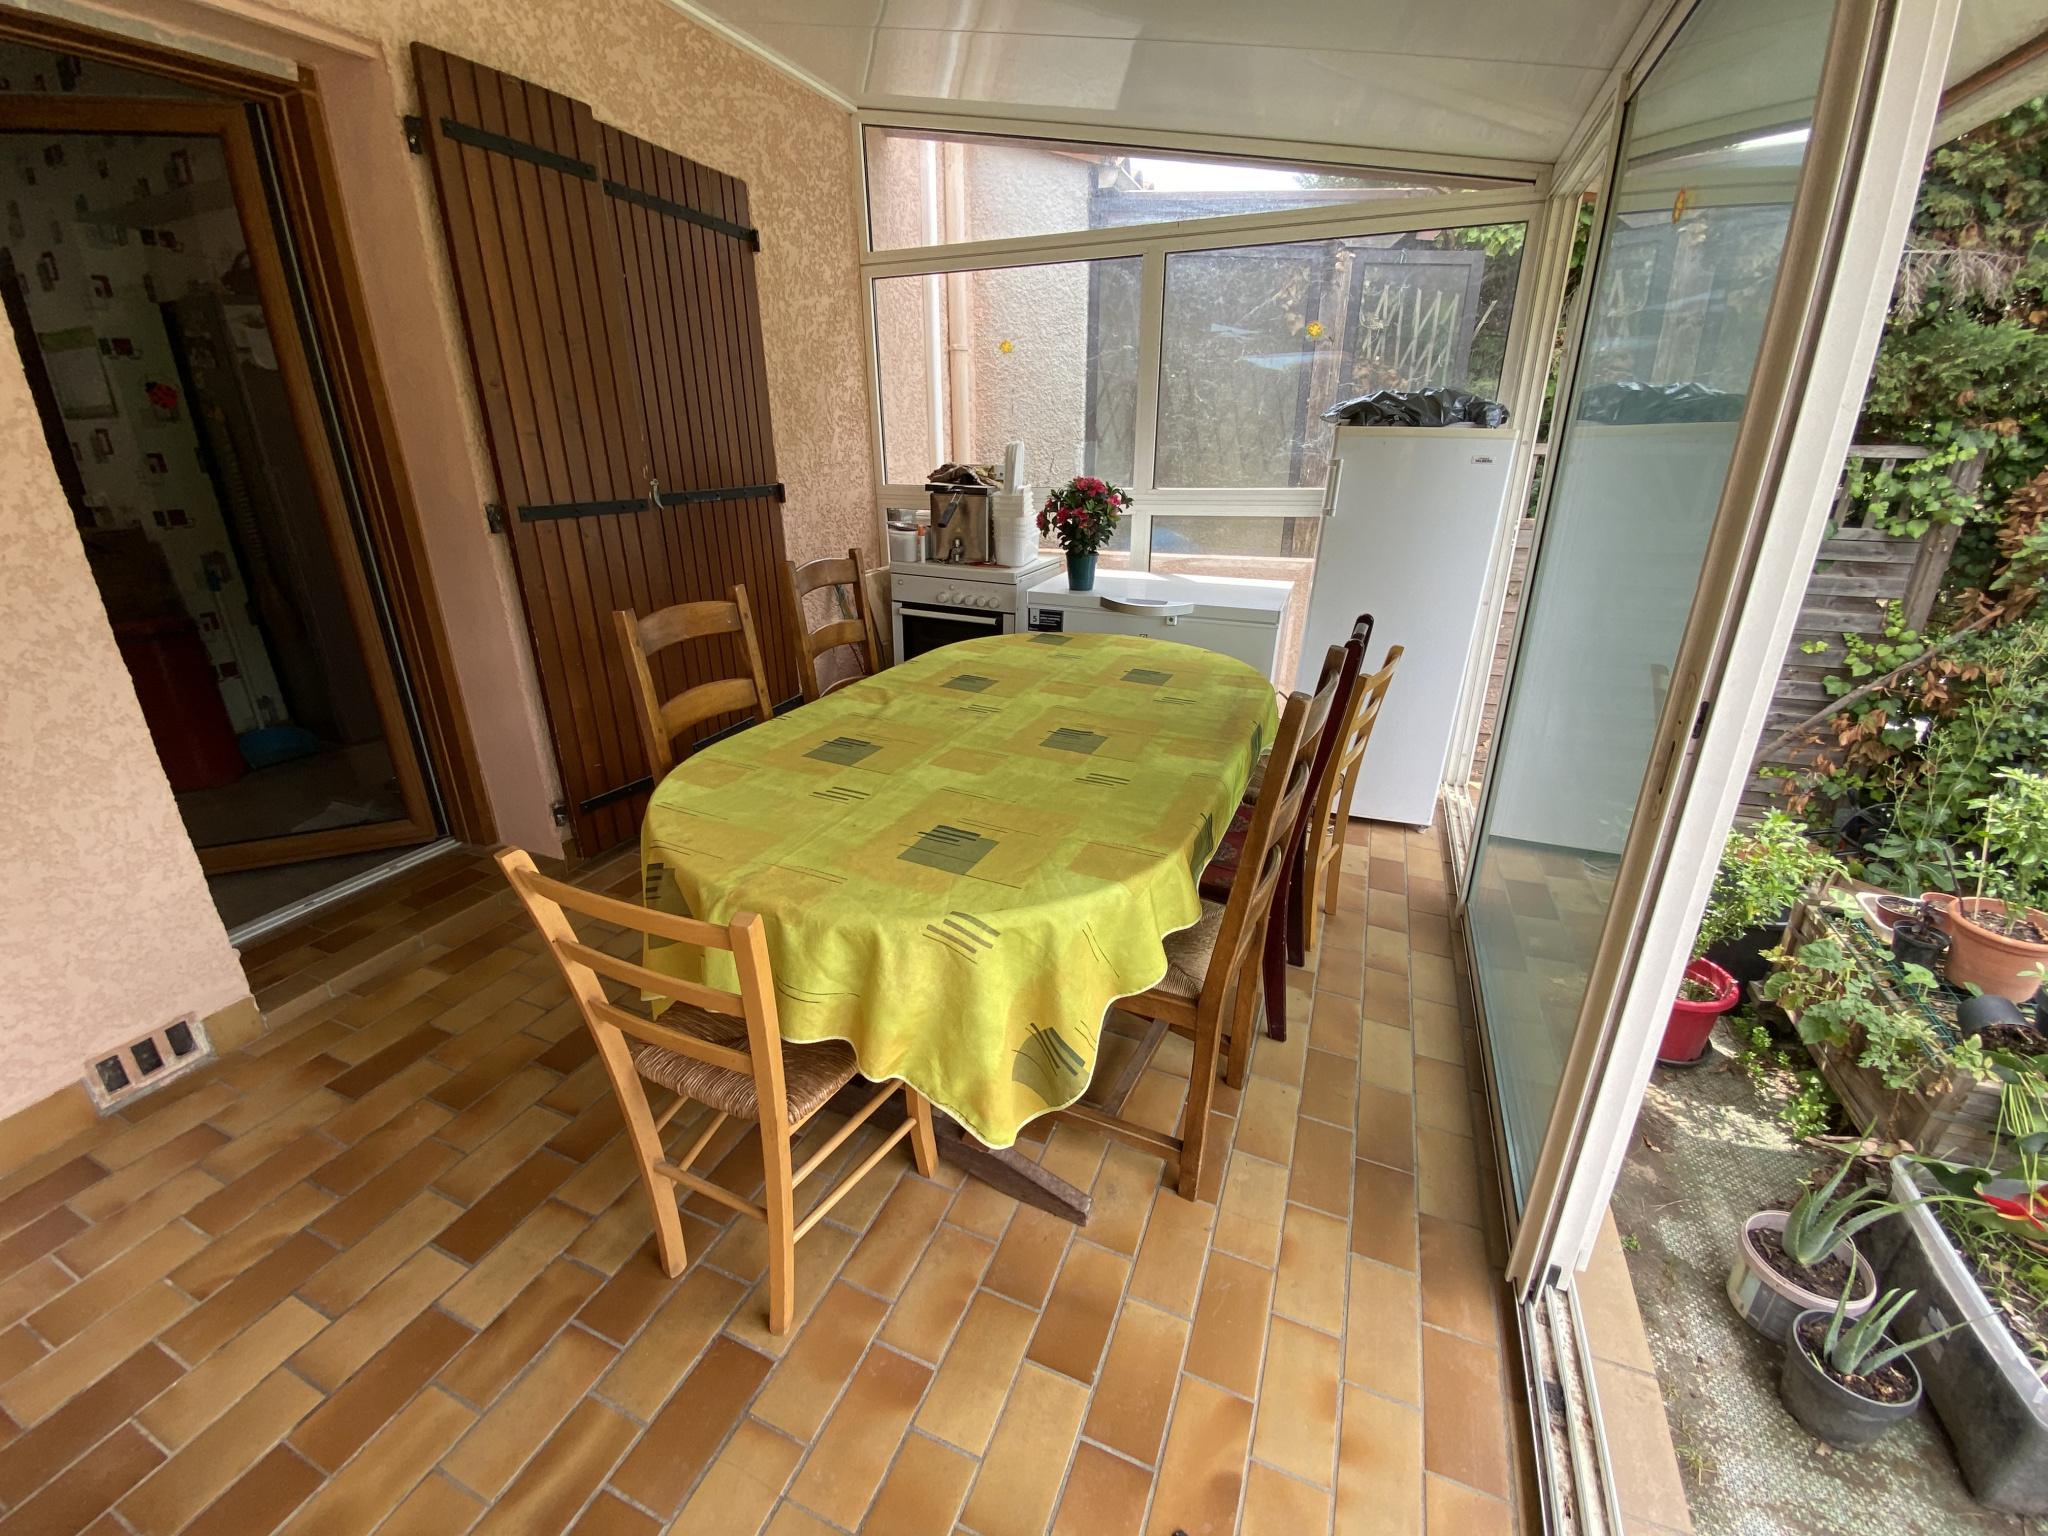 À vendre maison/villa de 90m2 à st genis des fontaines (66740) - Photo 9'